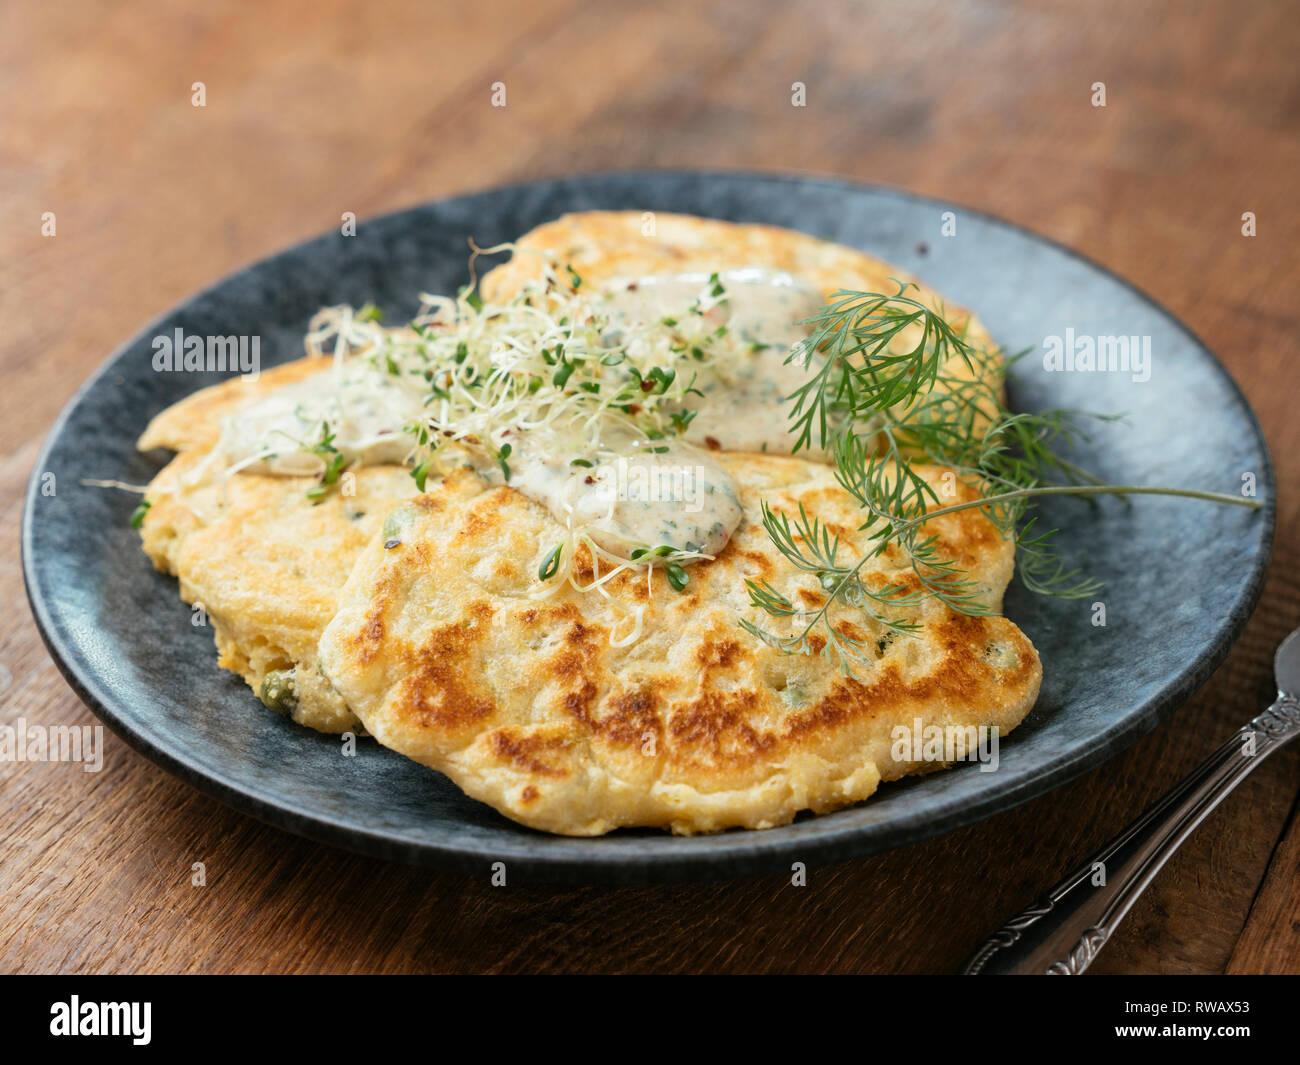 Herzhafte vegane Erbse Pfannkuchen mit Schnittlauch und herbed Sauce. Stockbild